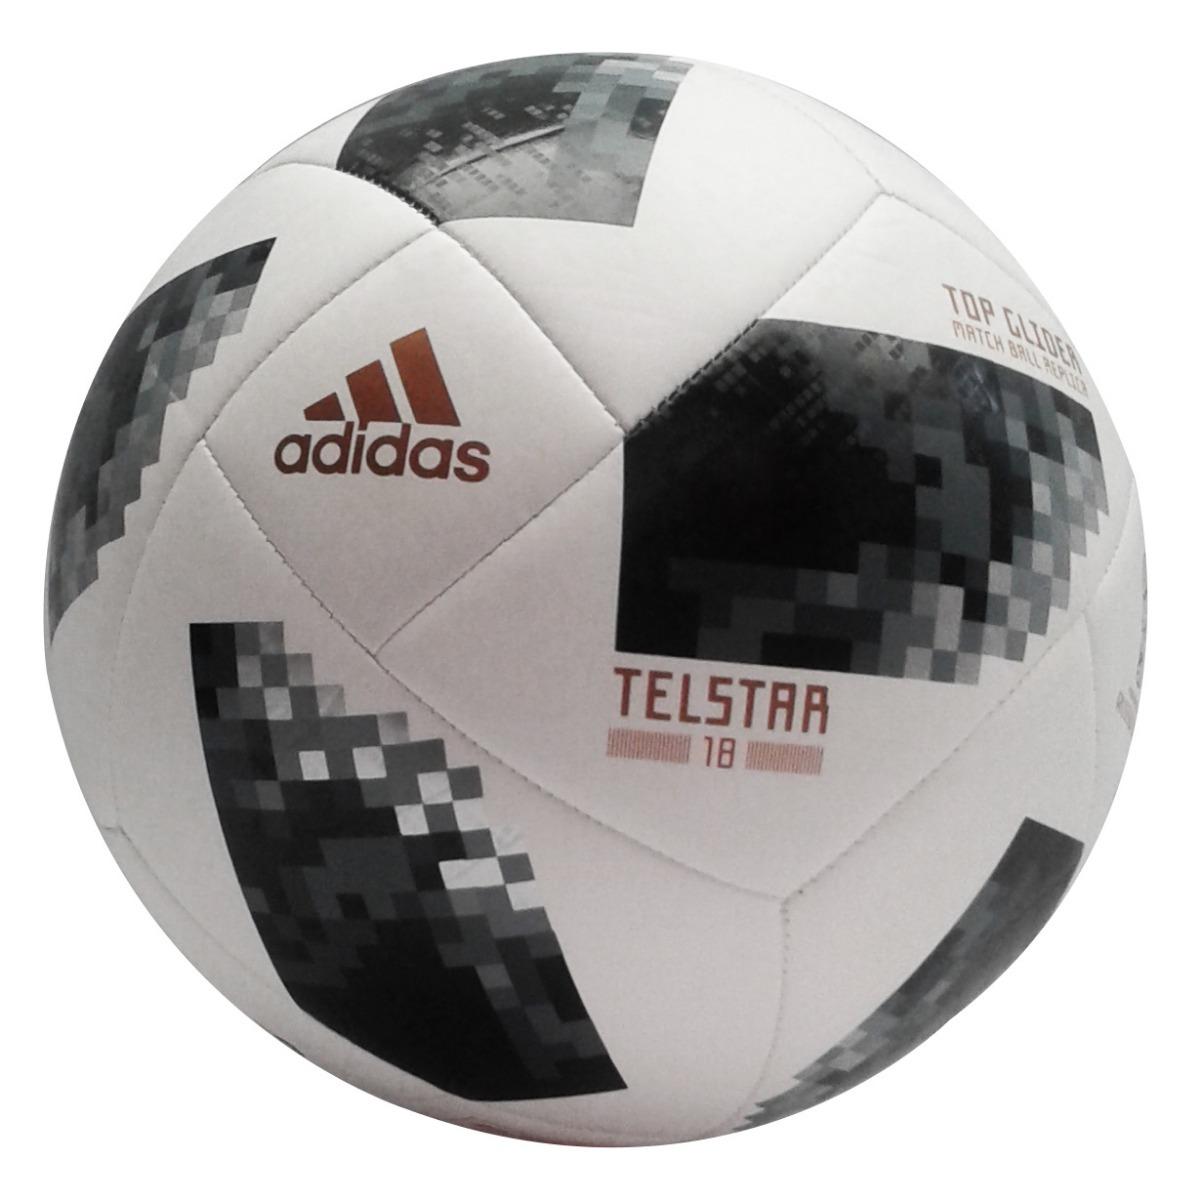 23d1bc97d916b balón original adidas  5 modelo telstar mundial rusia 2018 . Cargando zoom.